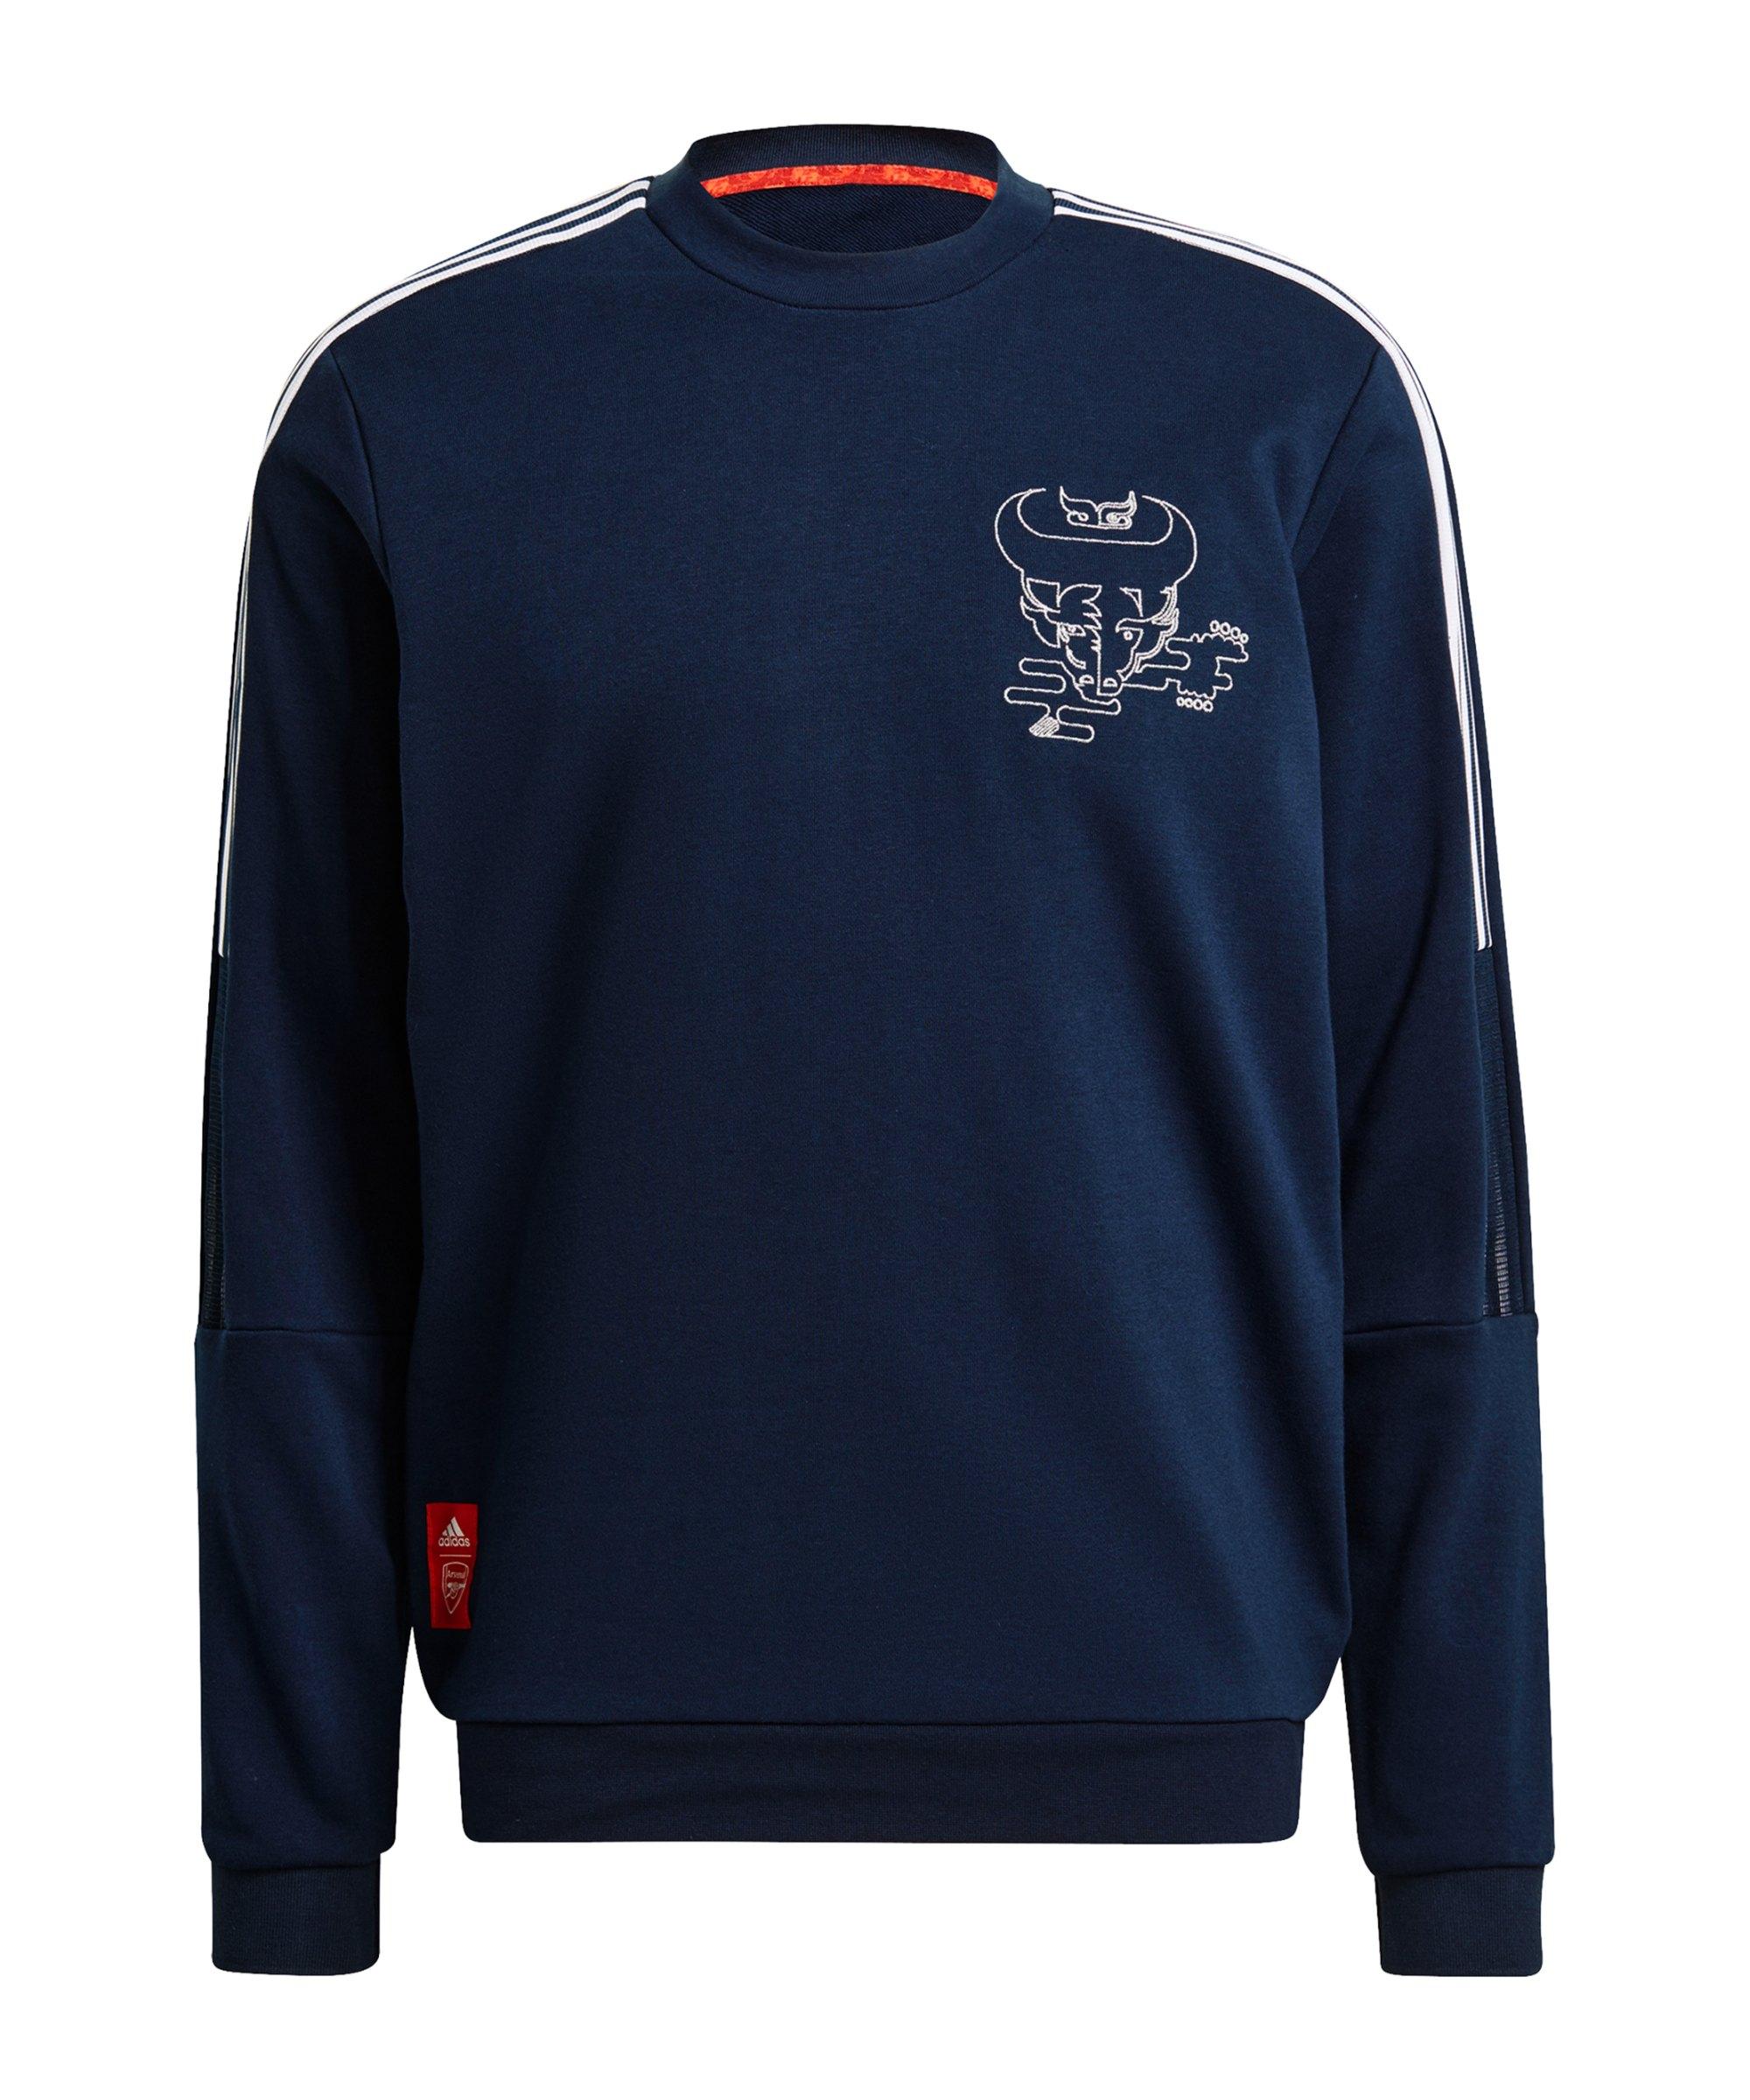 adidas FC Arsenal London CNY Sweatshirt Blau - blau